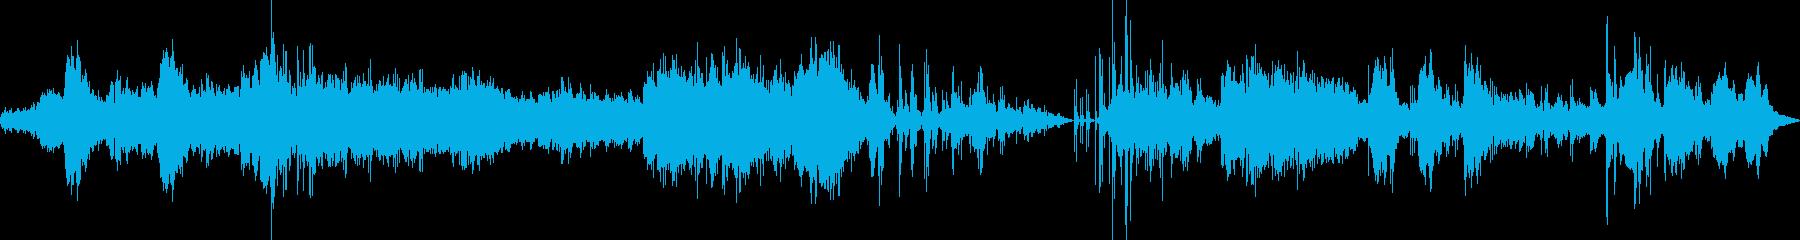 しっとりしたリラクゼーションミュージックの再生済みの波形